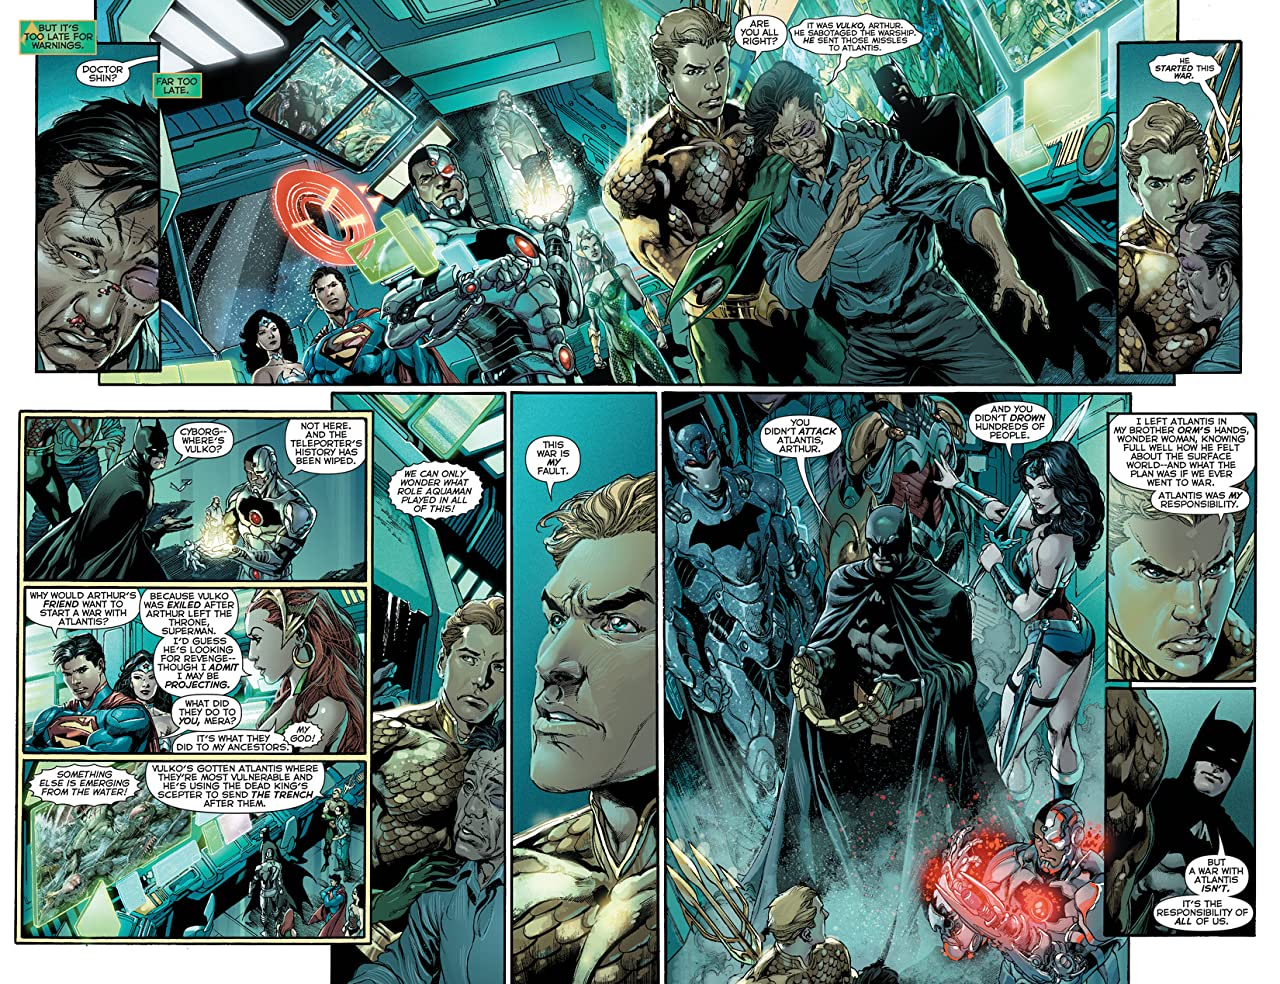 Justice League (2011-2016) #17